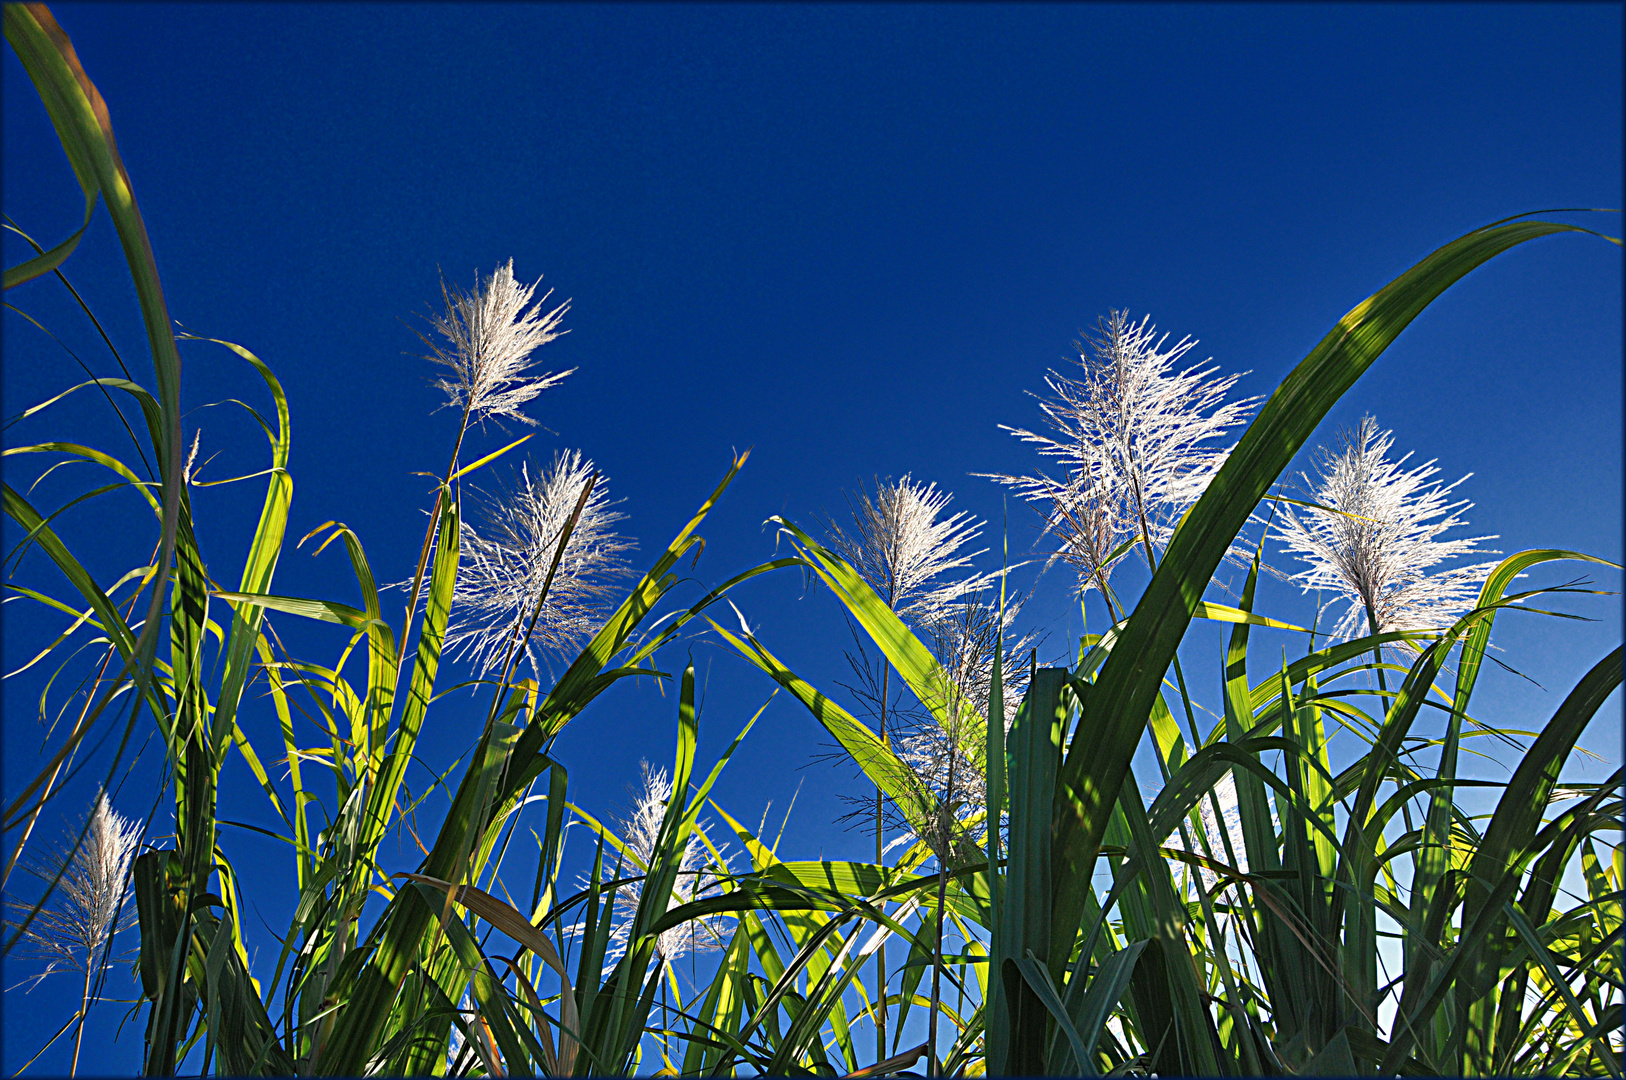 Soleil dans les fleurs de canne à sucre